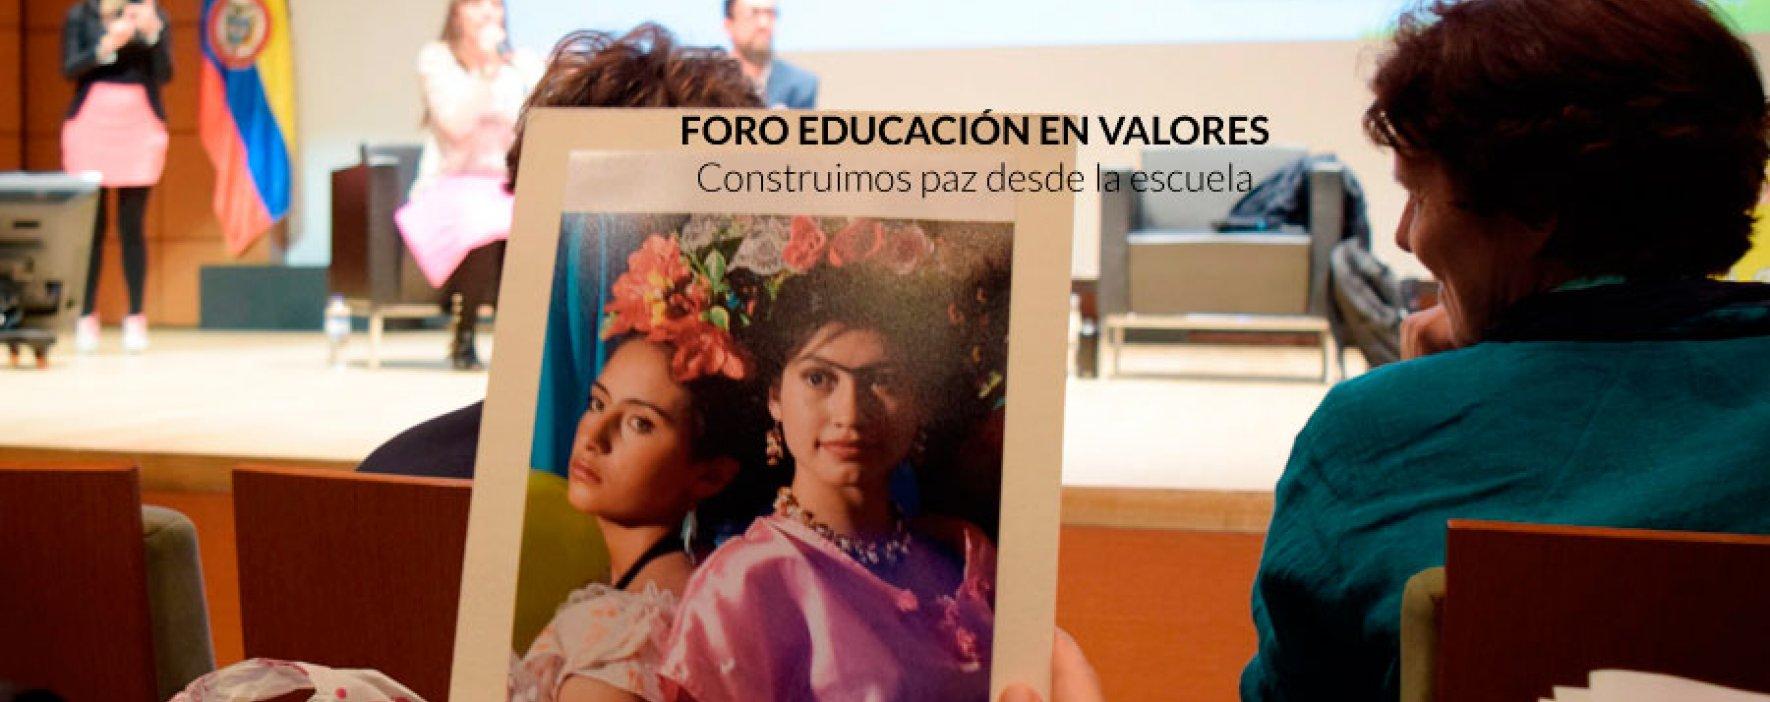 #Memorias del foro Educación en valores